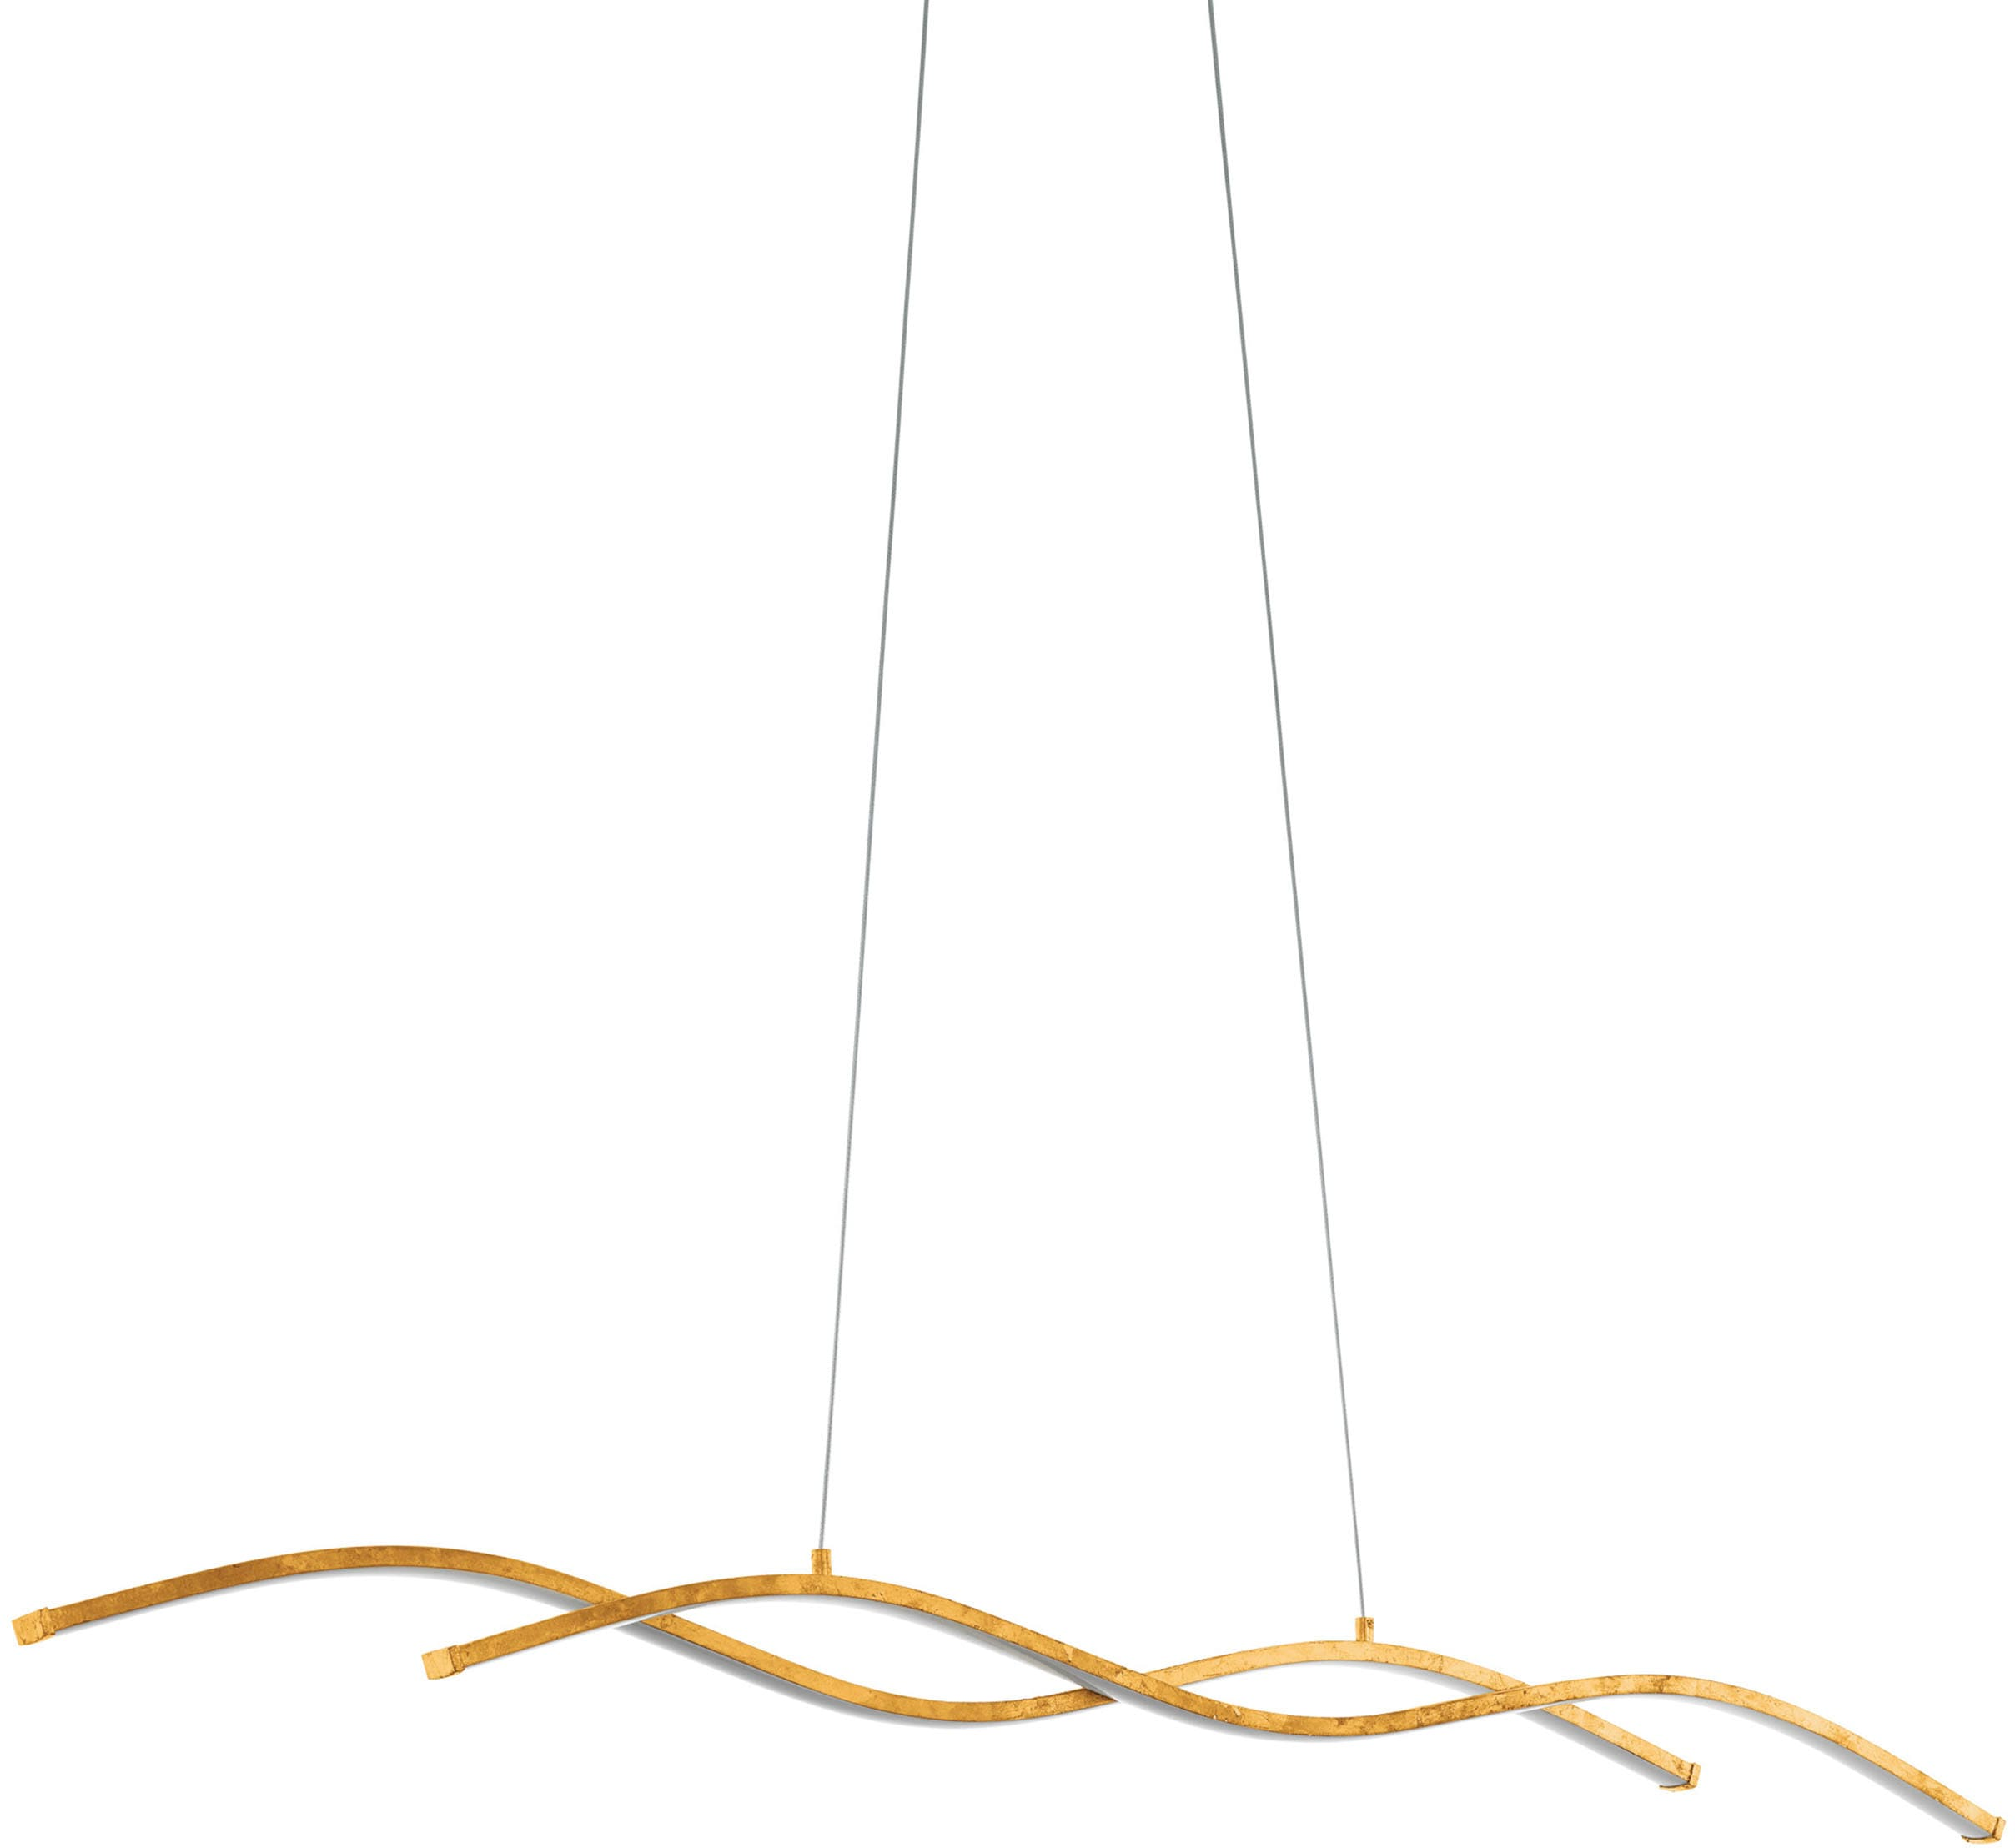 EGLO Pendelleuchte MIRAFLORES, LED-Board, Warmweiß, Hängeleuchte, Hängelampe